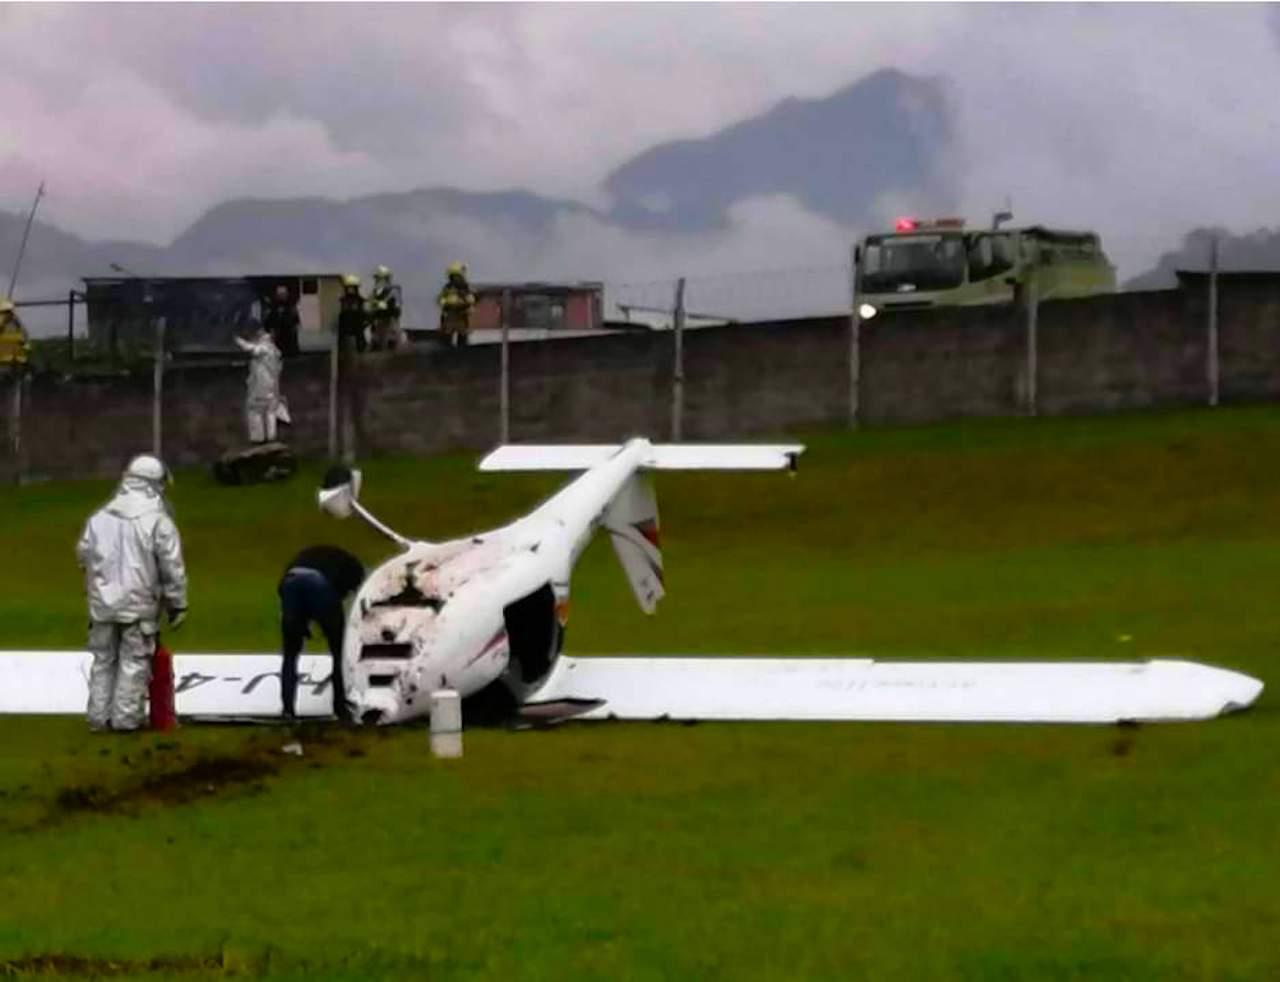 Este sábado una avioneta se accidentó en el aeropuerto de Manizales 1